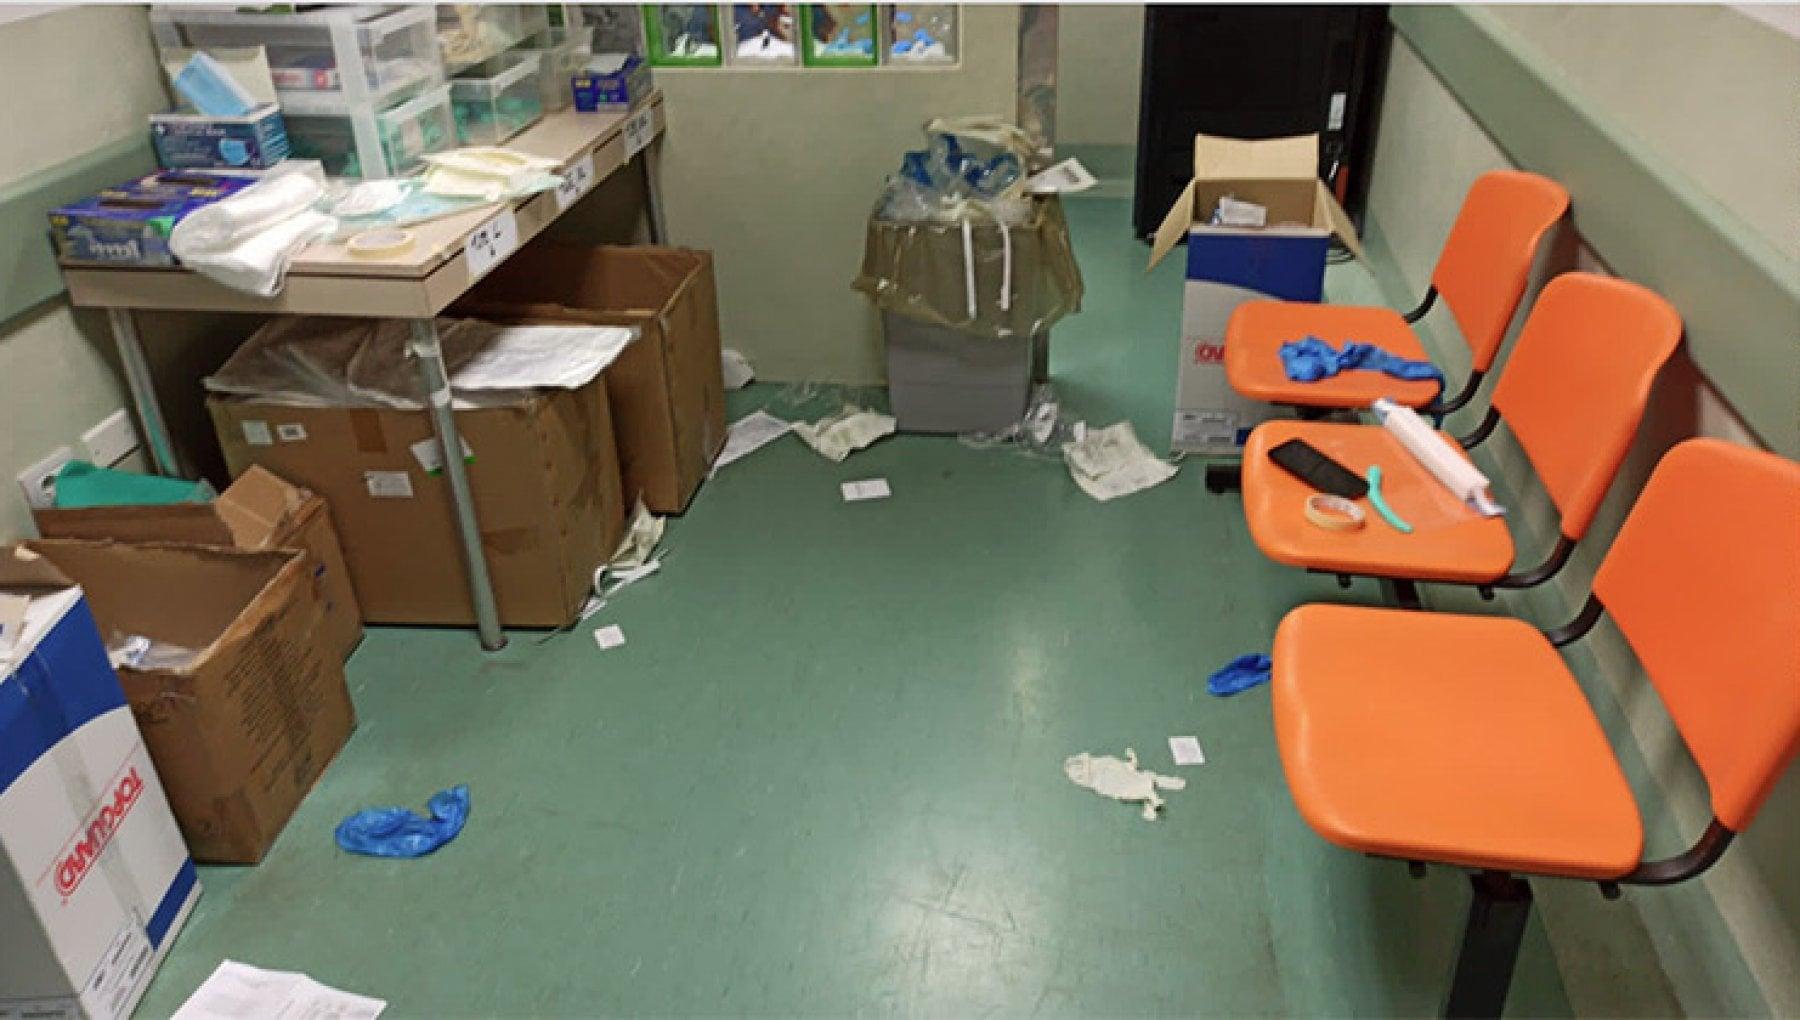 Pazienti Covid trattati disumanamente accampati derubati e senza cure linferno del Moscati di Taranto denunciato dagli stessi medici